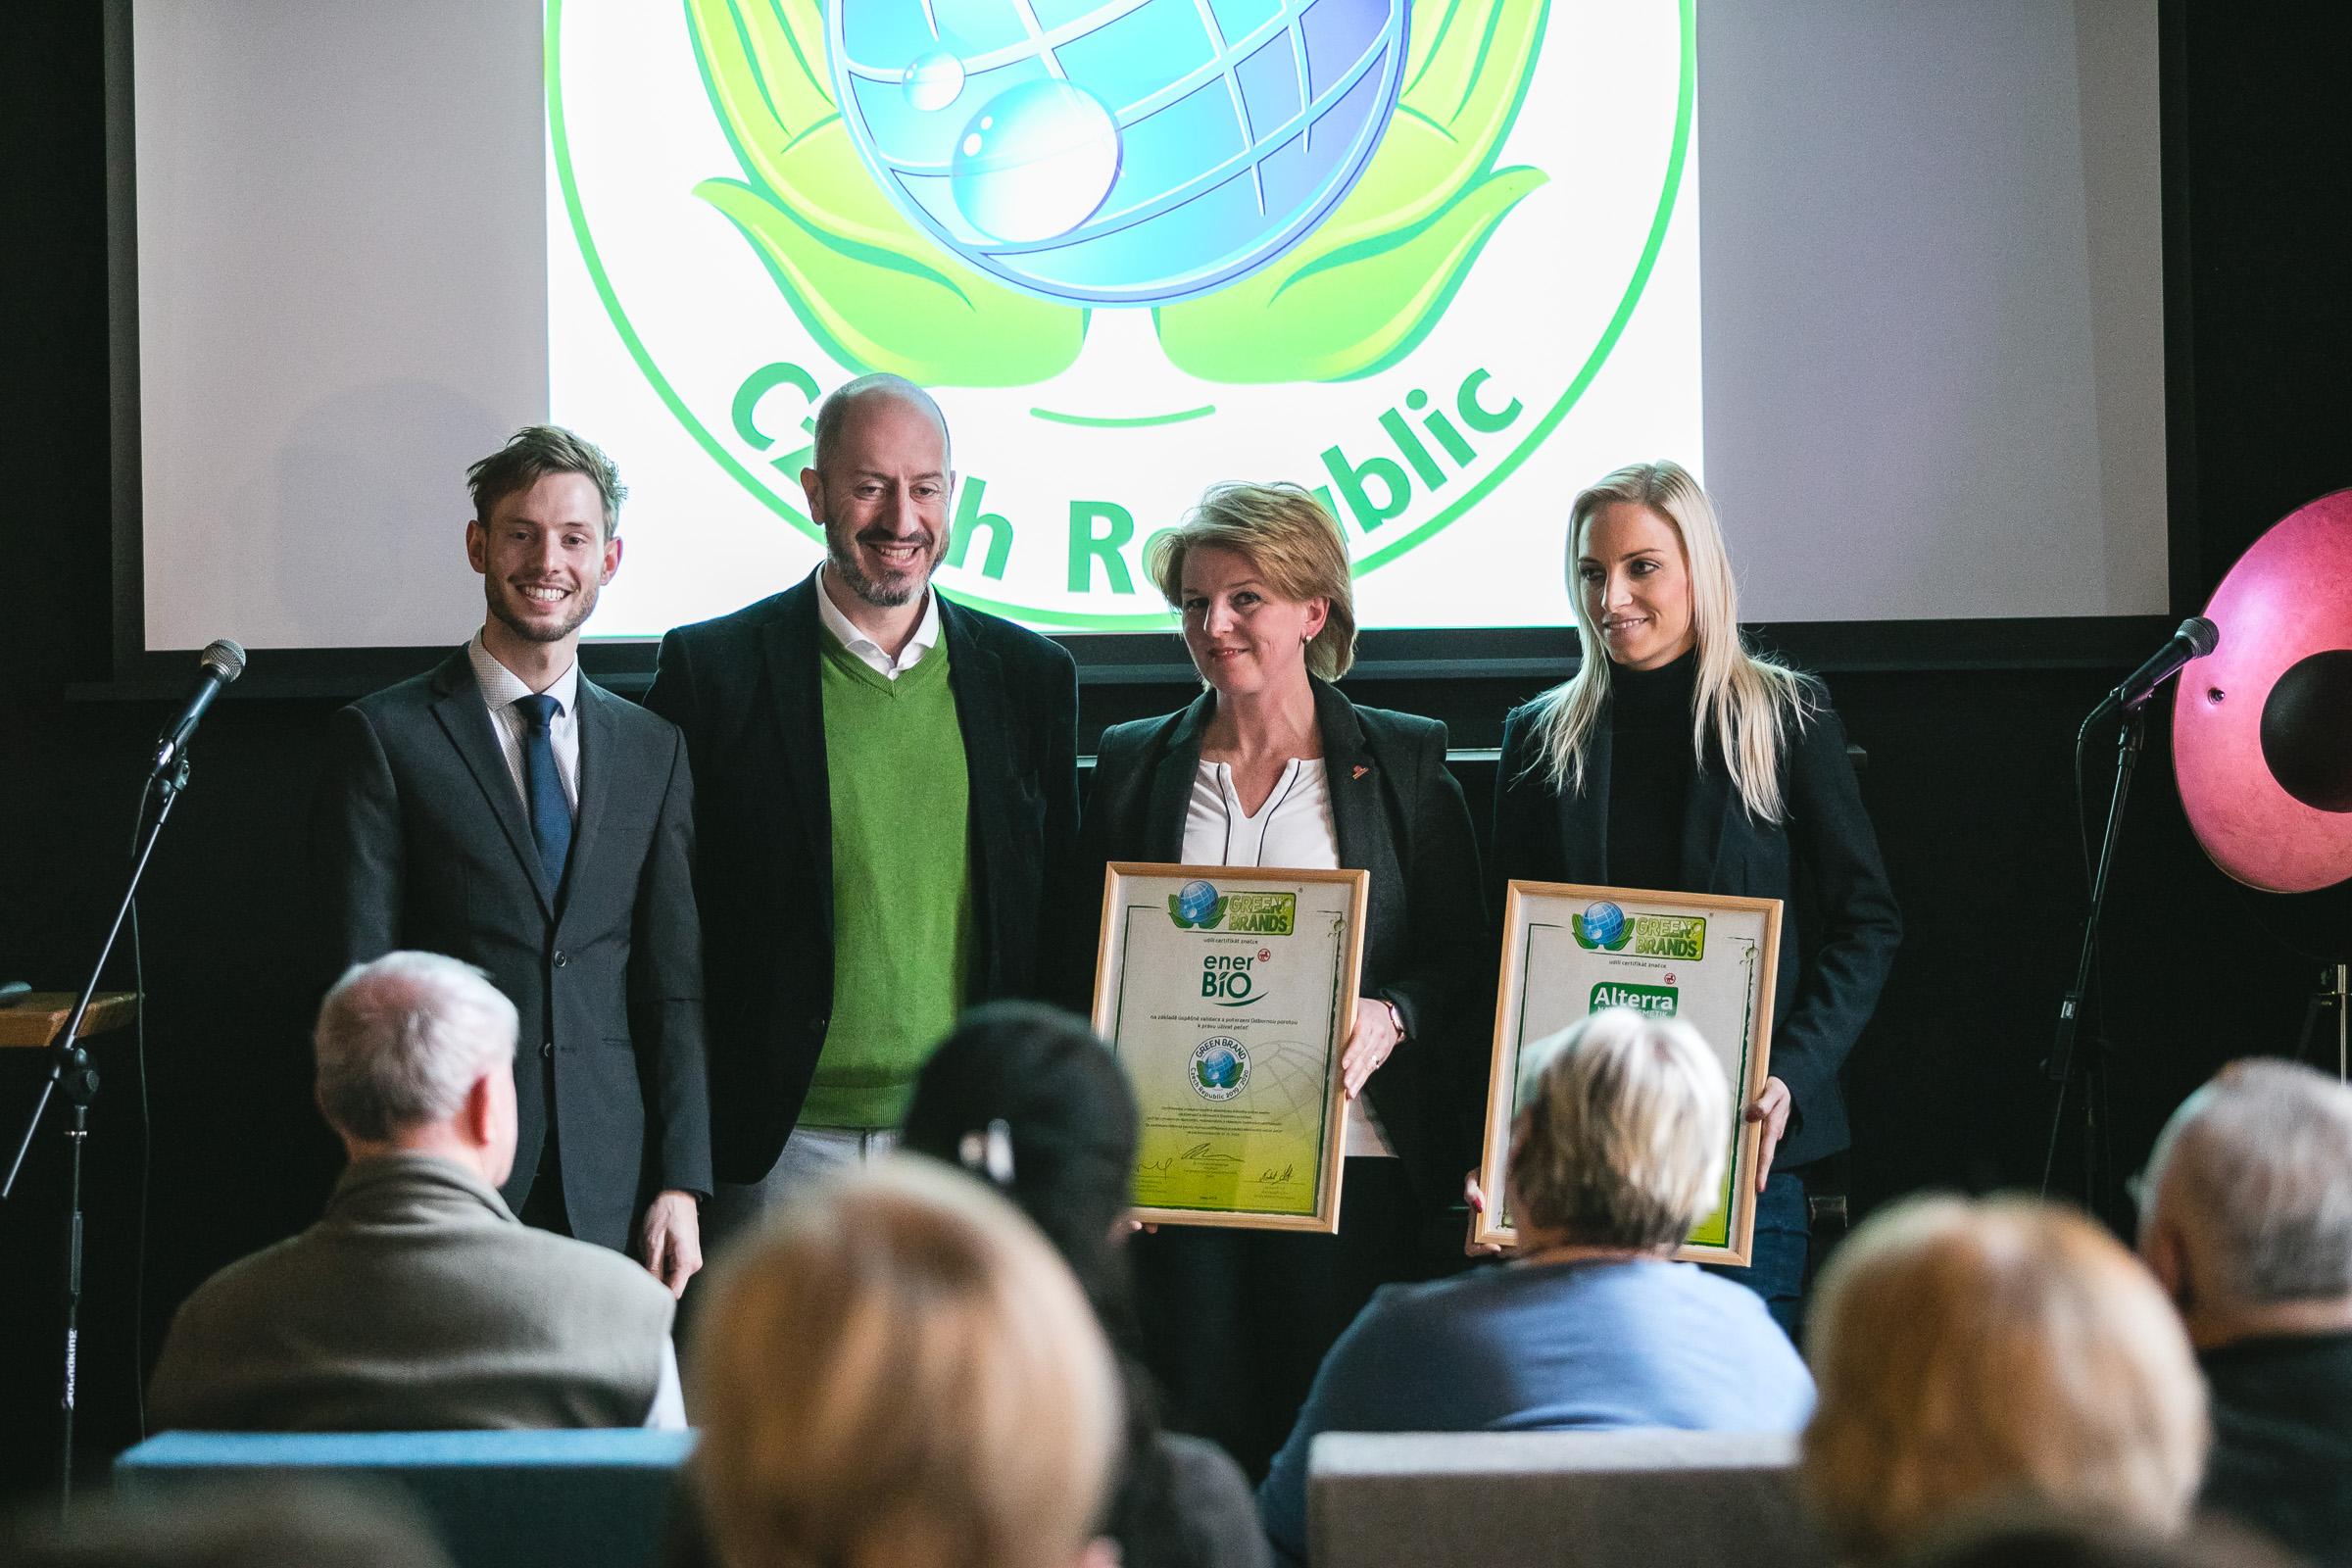 Alterra & enerBiO- GREEN BRANDS Czech Republic 2019/2020